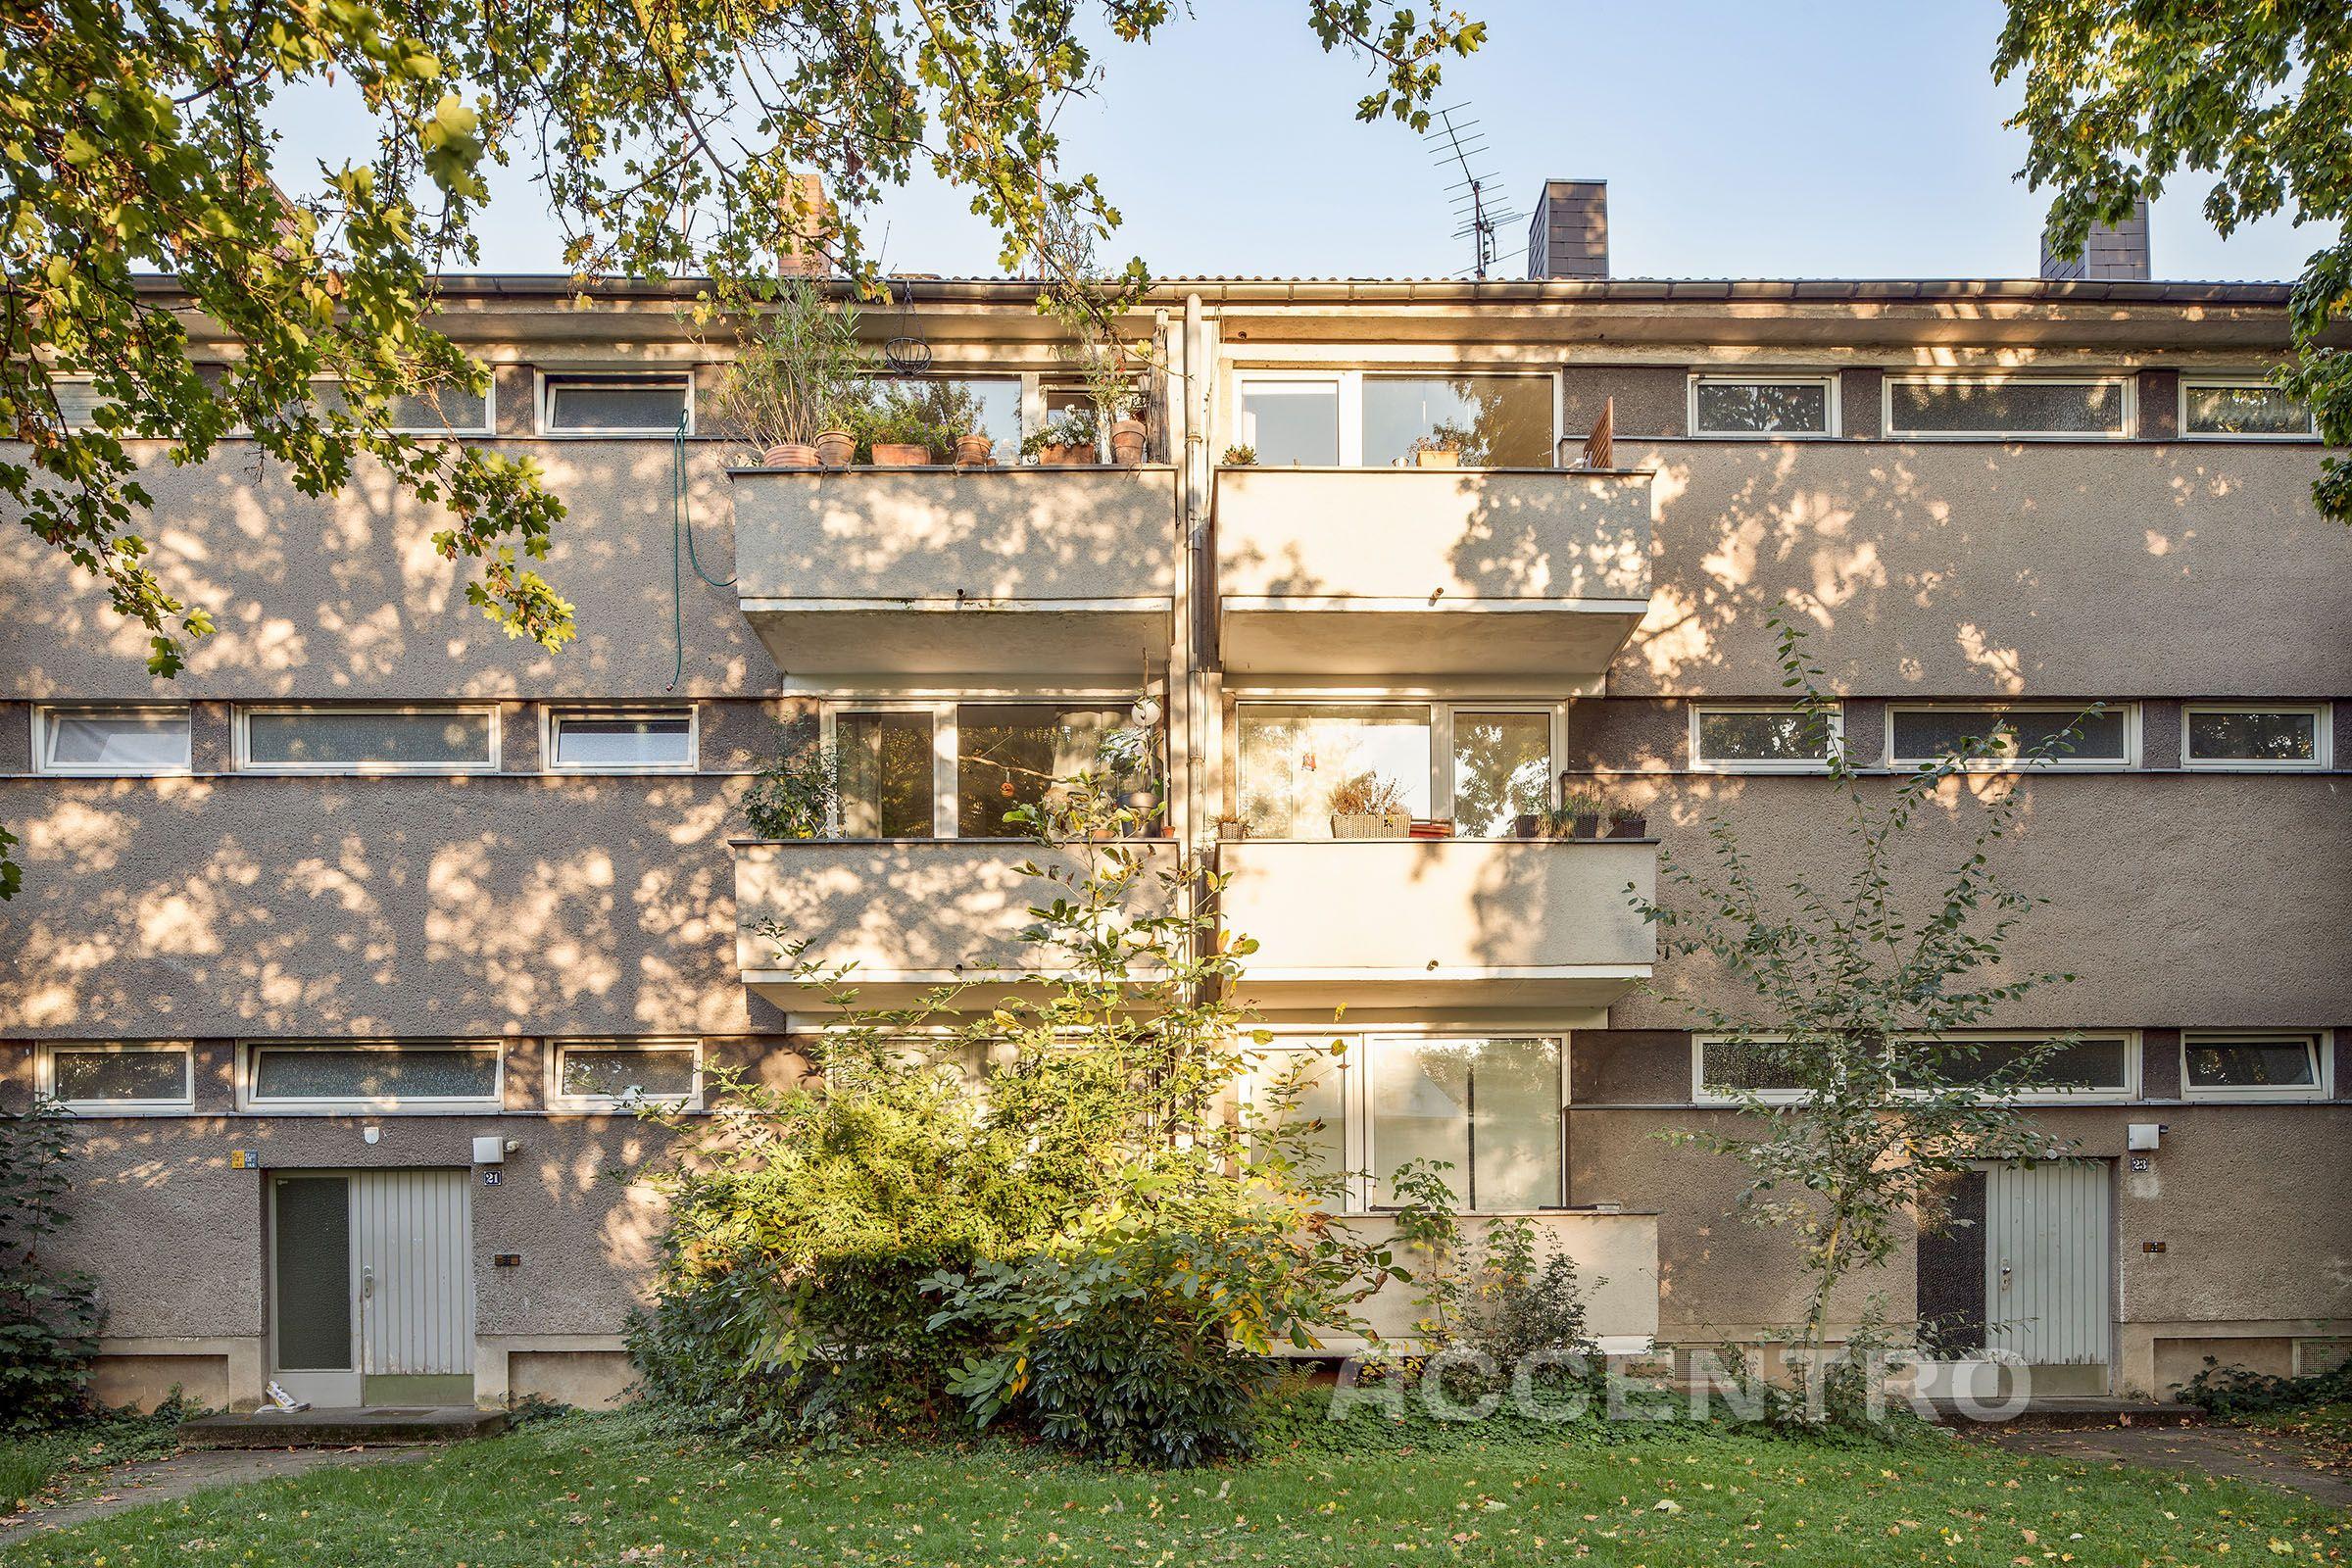 Eigentumswohnung Koln Nippes Schlenderhaner Strasse Eigentumswohnung Wohnung